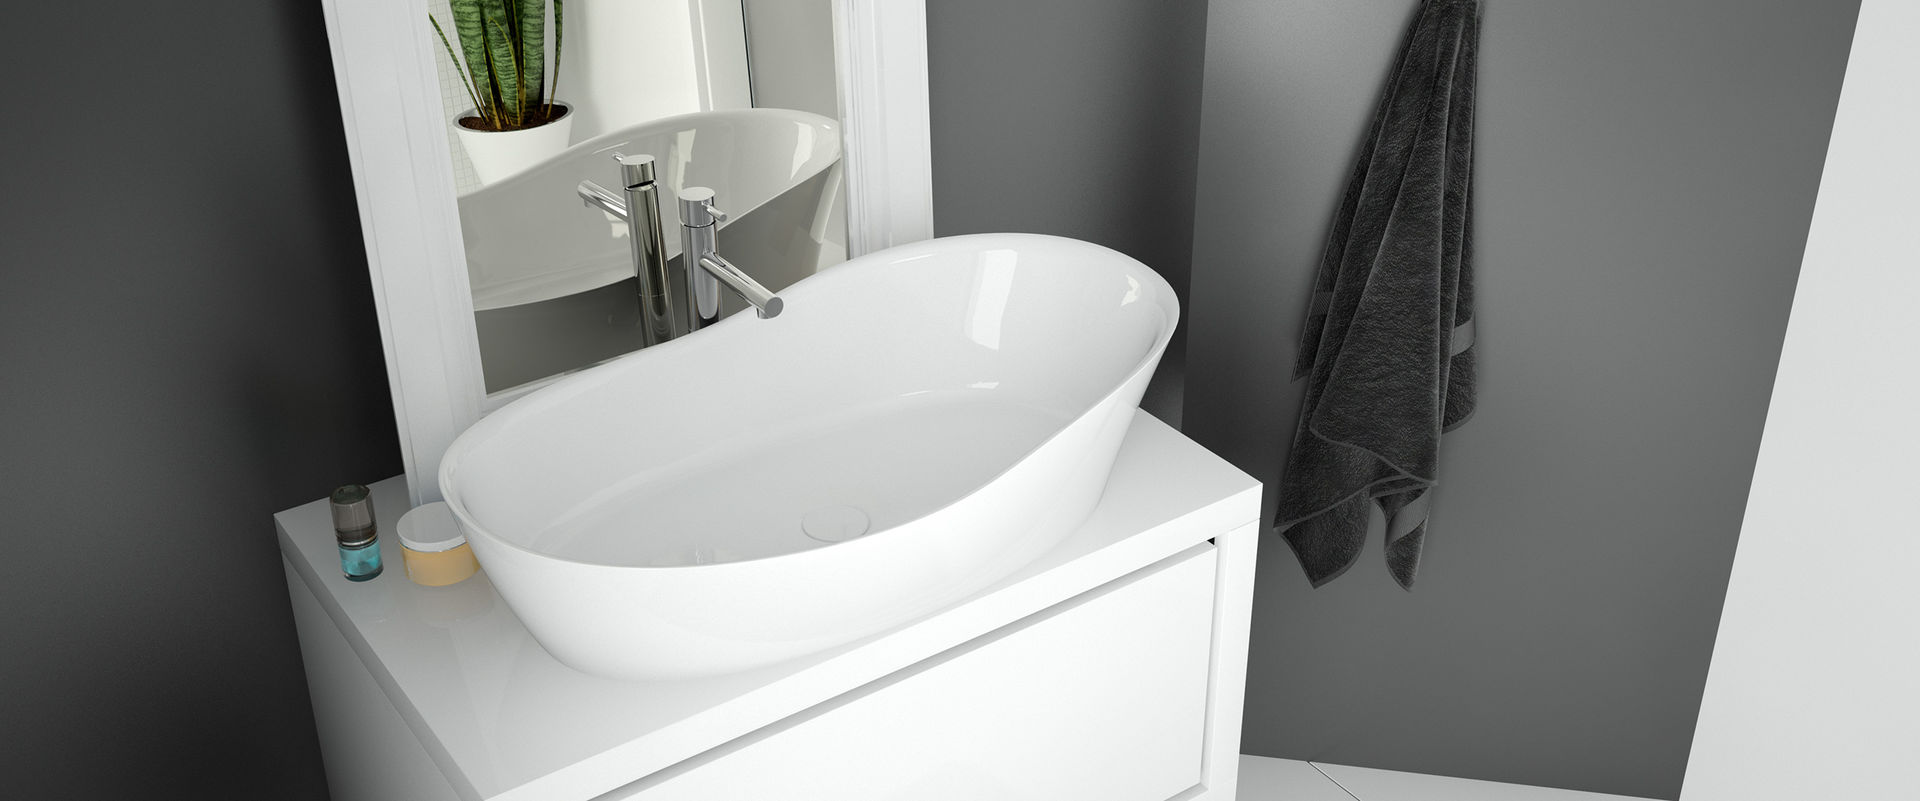 waschbecken splash pr sentiert die trends f r ihren. Black Bedroom Furniture Sets. Home Design Ideas